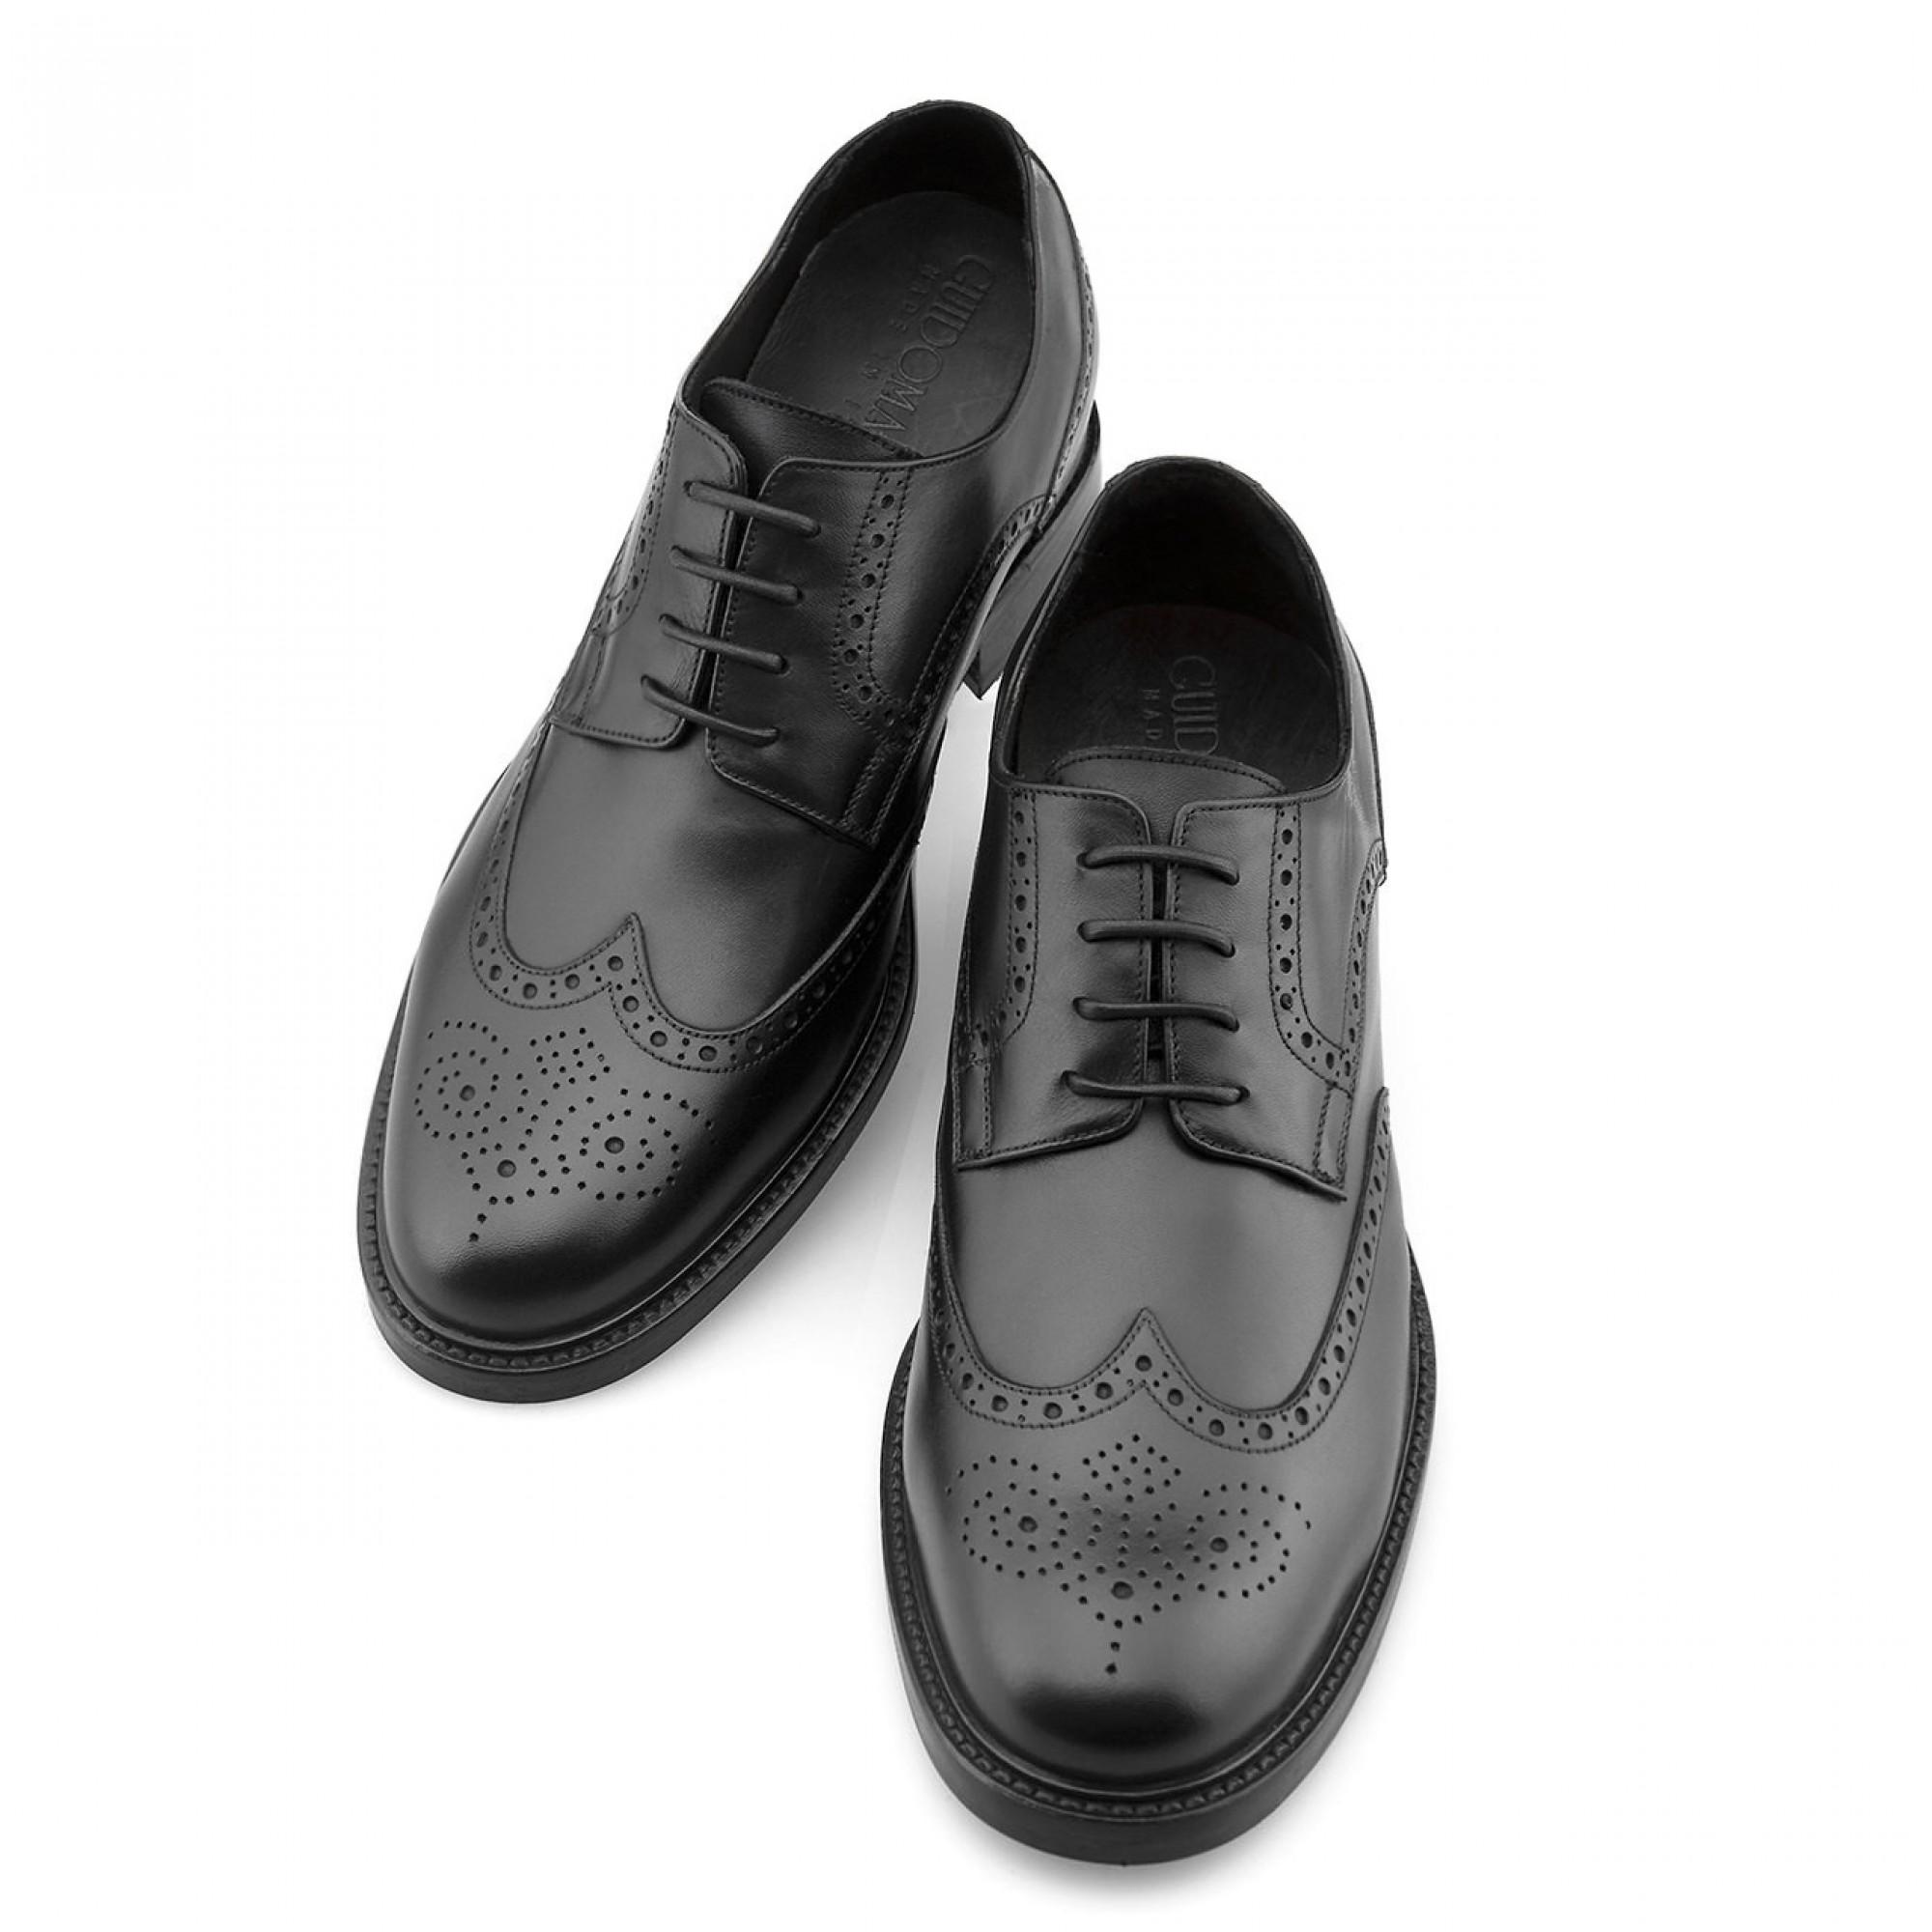 venezia elevator shoes